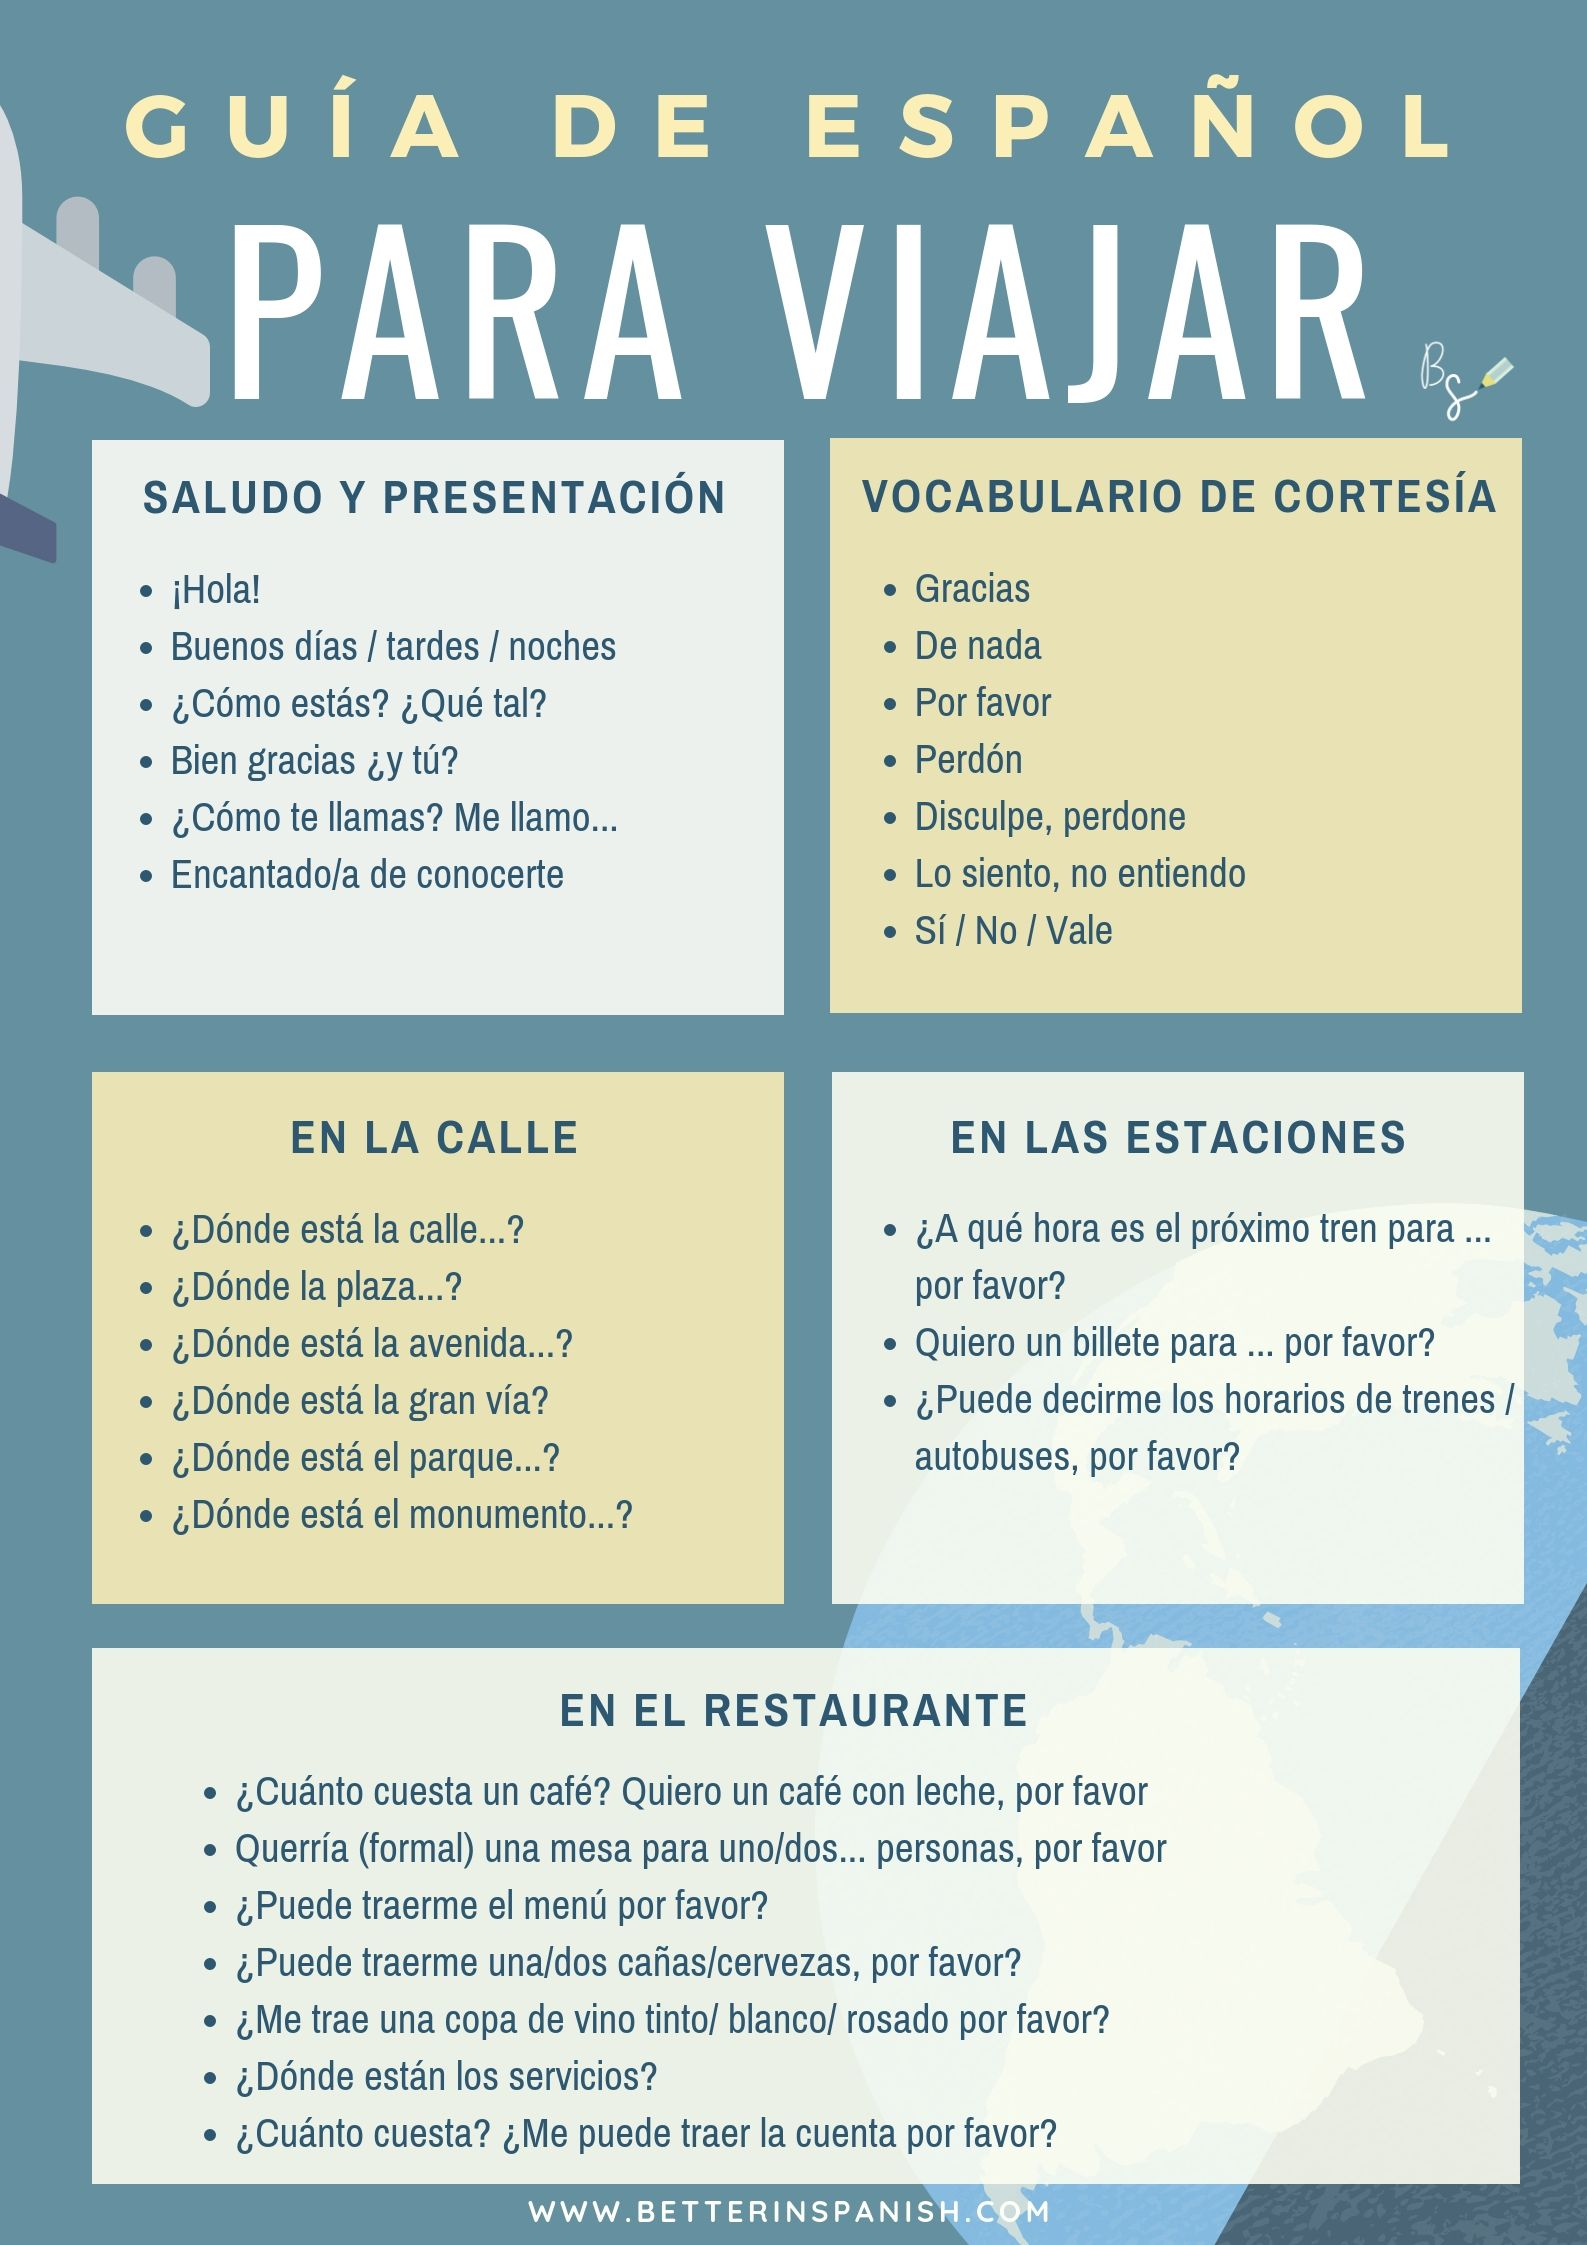 Guía De Conversación De Español Para Viajar Para Que Cuando Viajes Puedas Comunicarte Co Aprender Español Palabras En Español Ejercicios Para Aprender Español